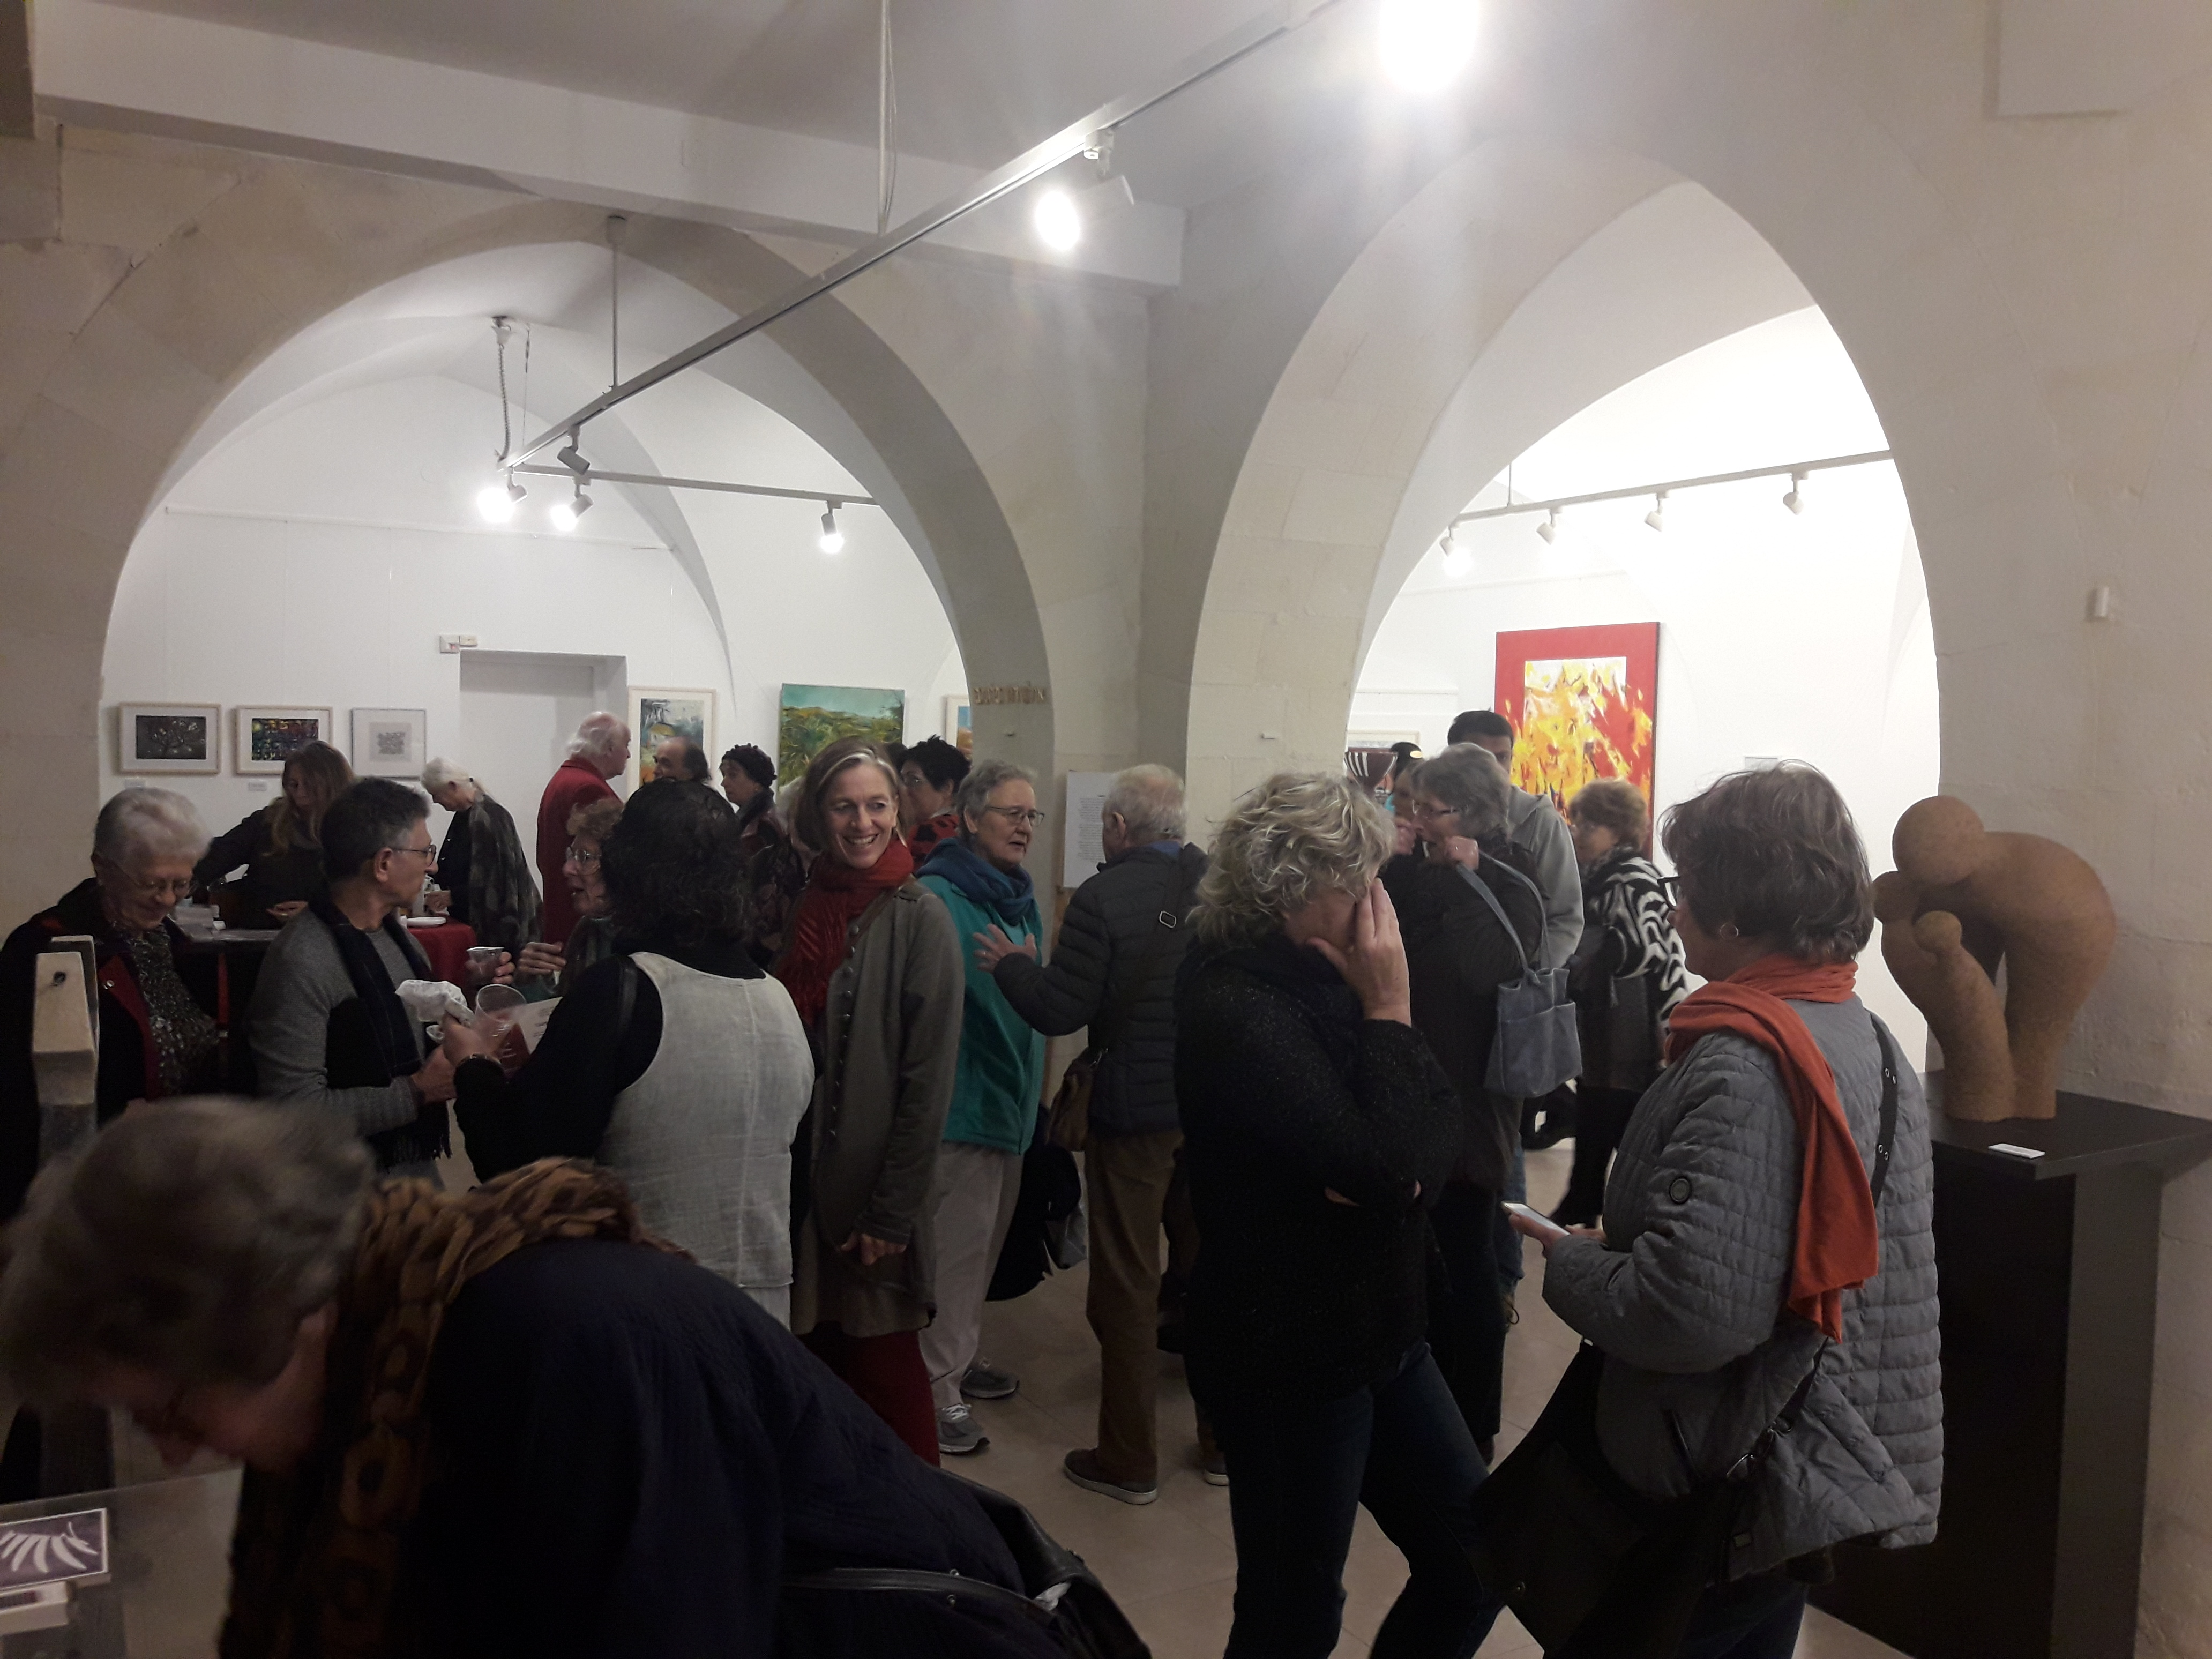 פתיחת תערוכה של אמנים עולים משבדיה